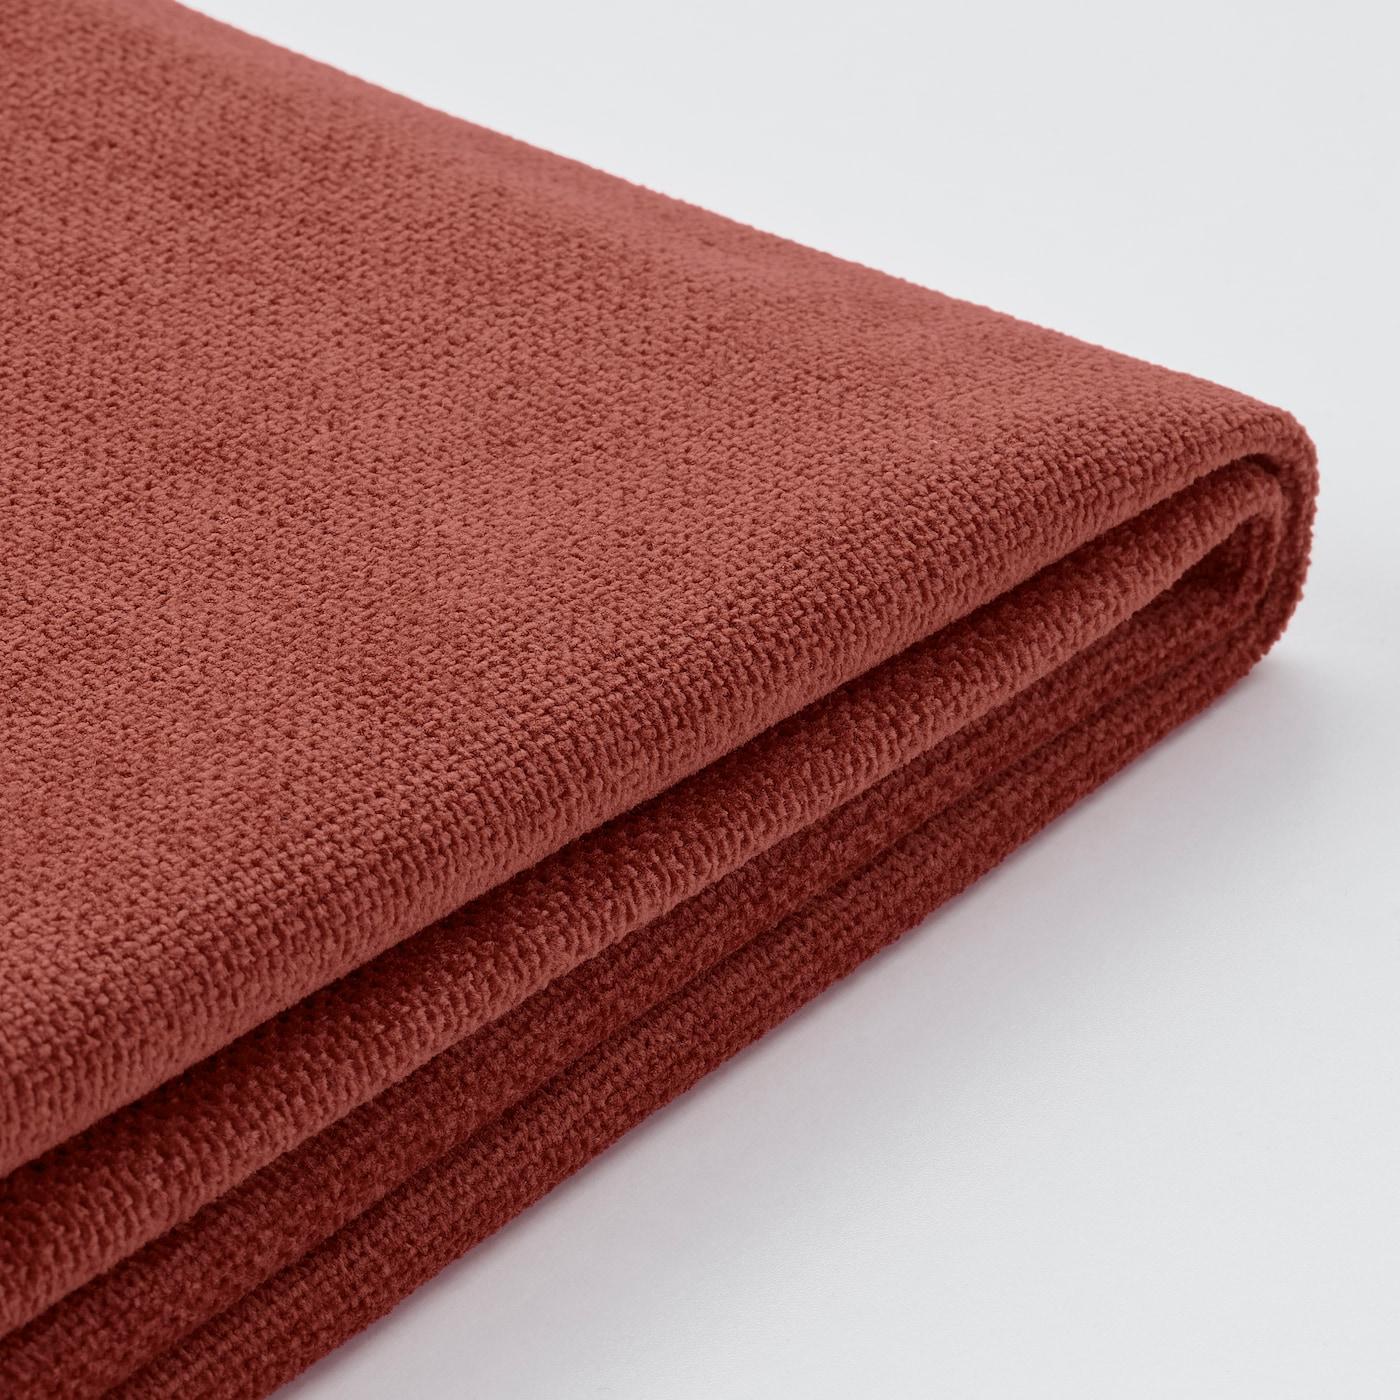 GRÖNLID Cover for armrest - Ljungen light red - IKEA